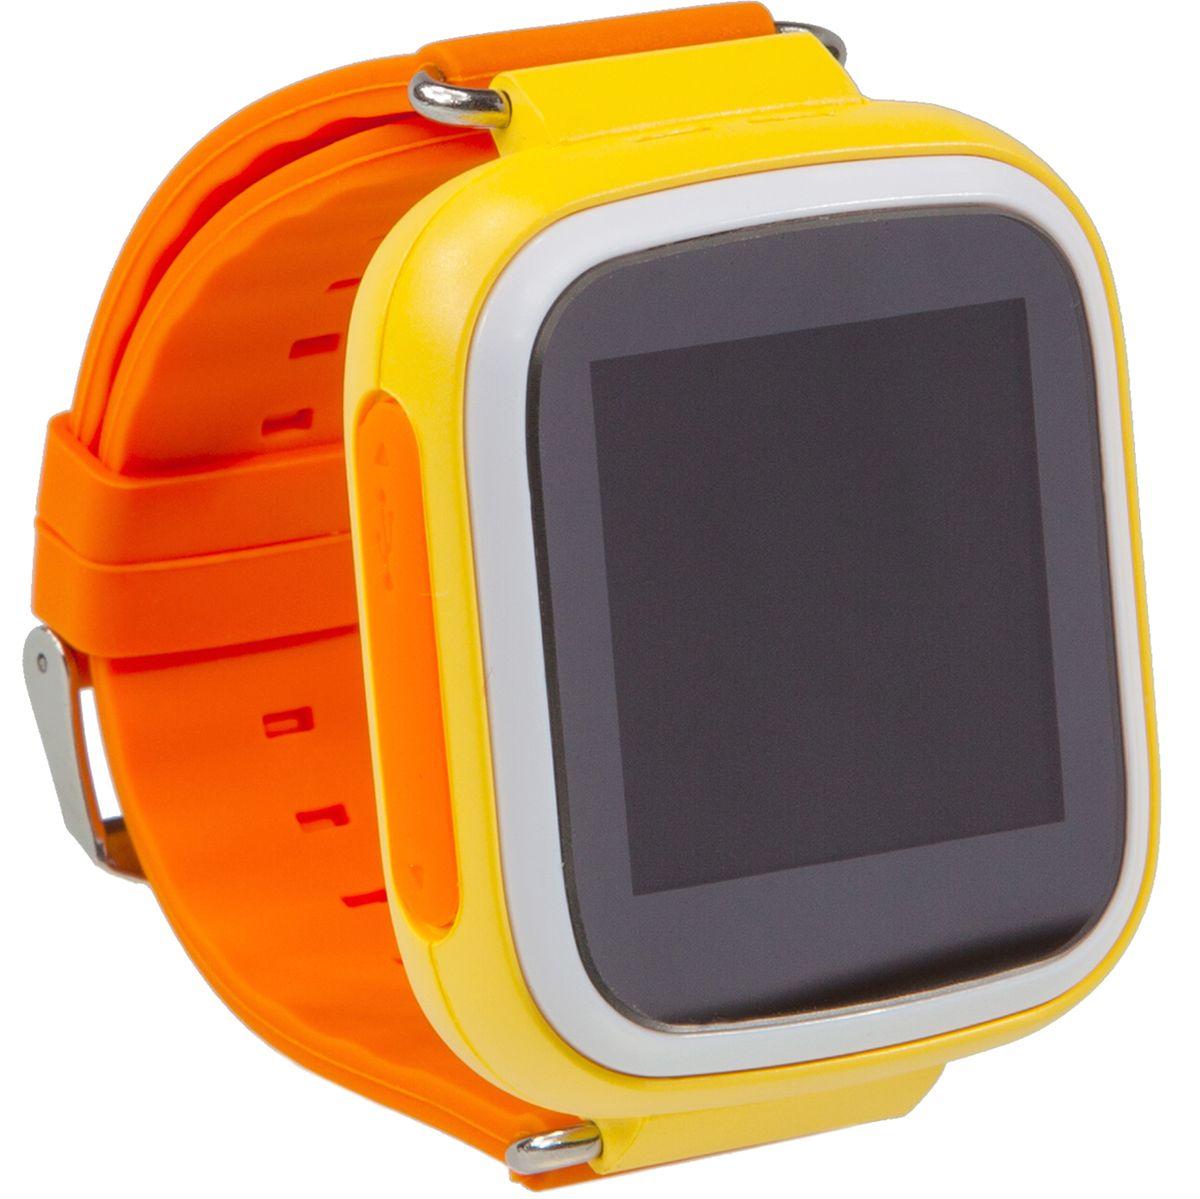 Prolike PLSW523, Orange умные детские часыPLSW523ORДетские часы Prolike PLSW523PK - это простые и крайне функциональные смарт-часы, созданные для детей и их родителей. В сочетании с функционалом, данная модель может считаться по истине достойной внимания - ведь она и для родителей полезна, и малышу придется по душе. В часах используется карта формата microSIM, поддерживает 2G соединение с GPRS.